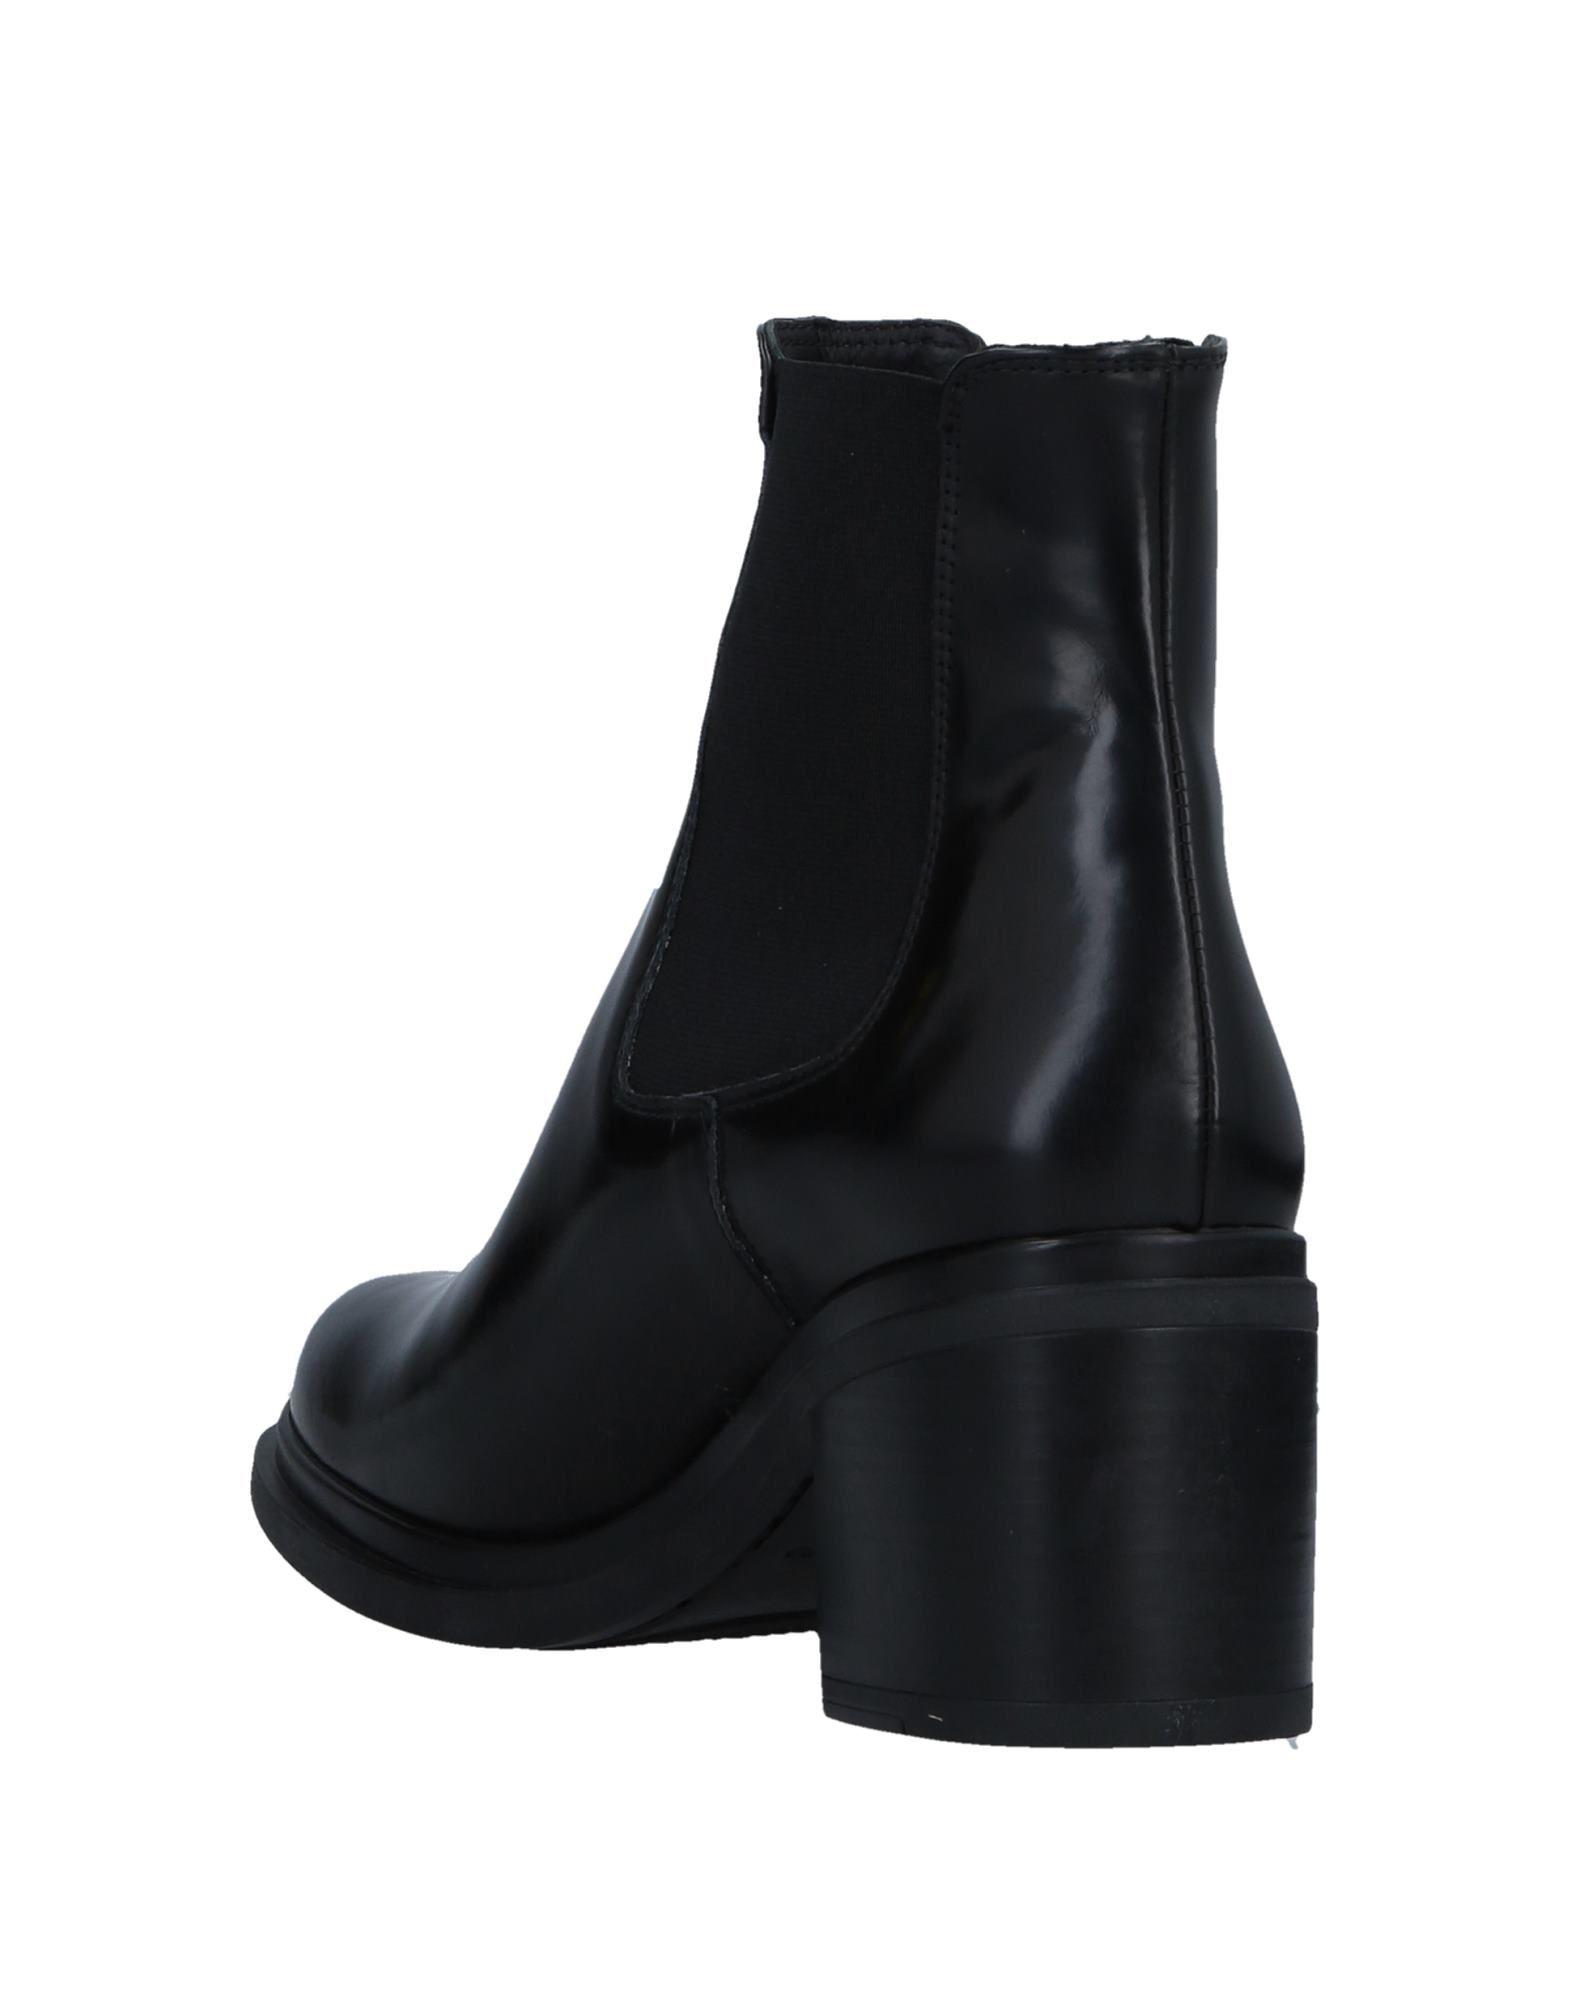 Sax Chelsea Stiefel Damen Gutes 4315 Preis-Leistungs-Verhältnis, es lohnt sich 4315 Gutes 6881b8